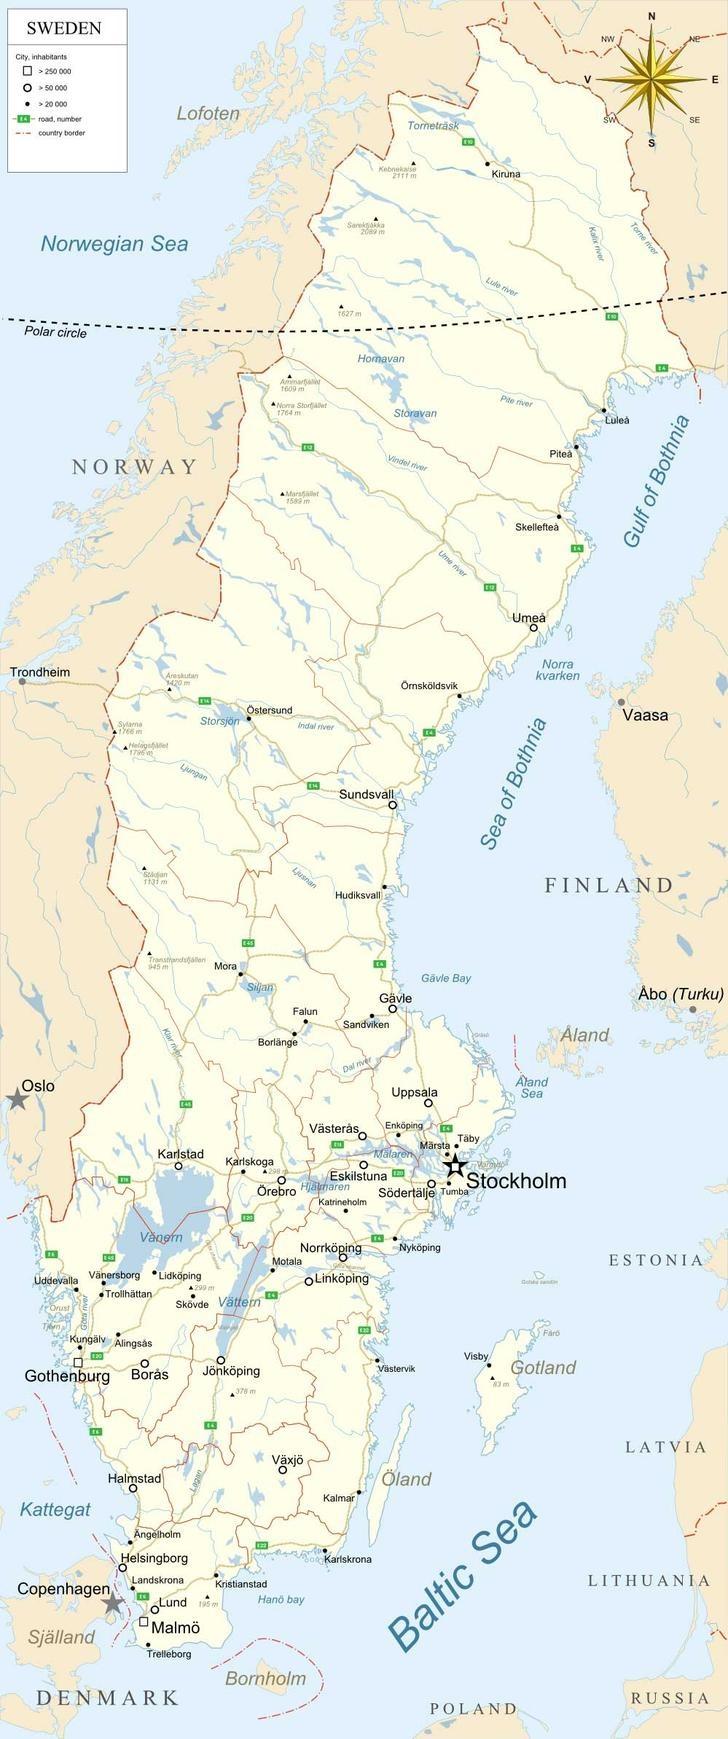 Best Sameland På Karta Sápmi Maps Images On Pinterest Finland - Sweden map hedestad